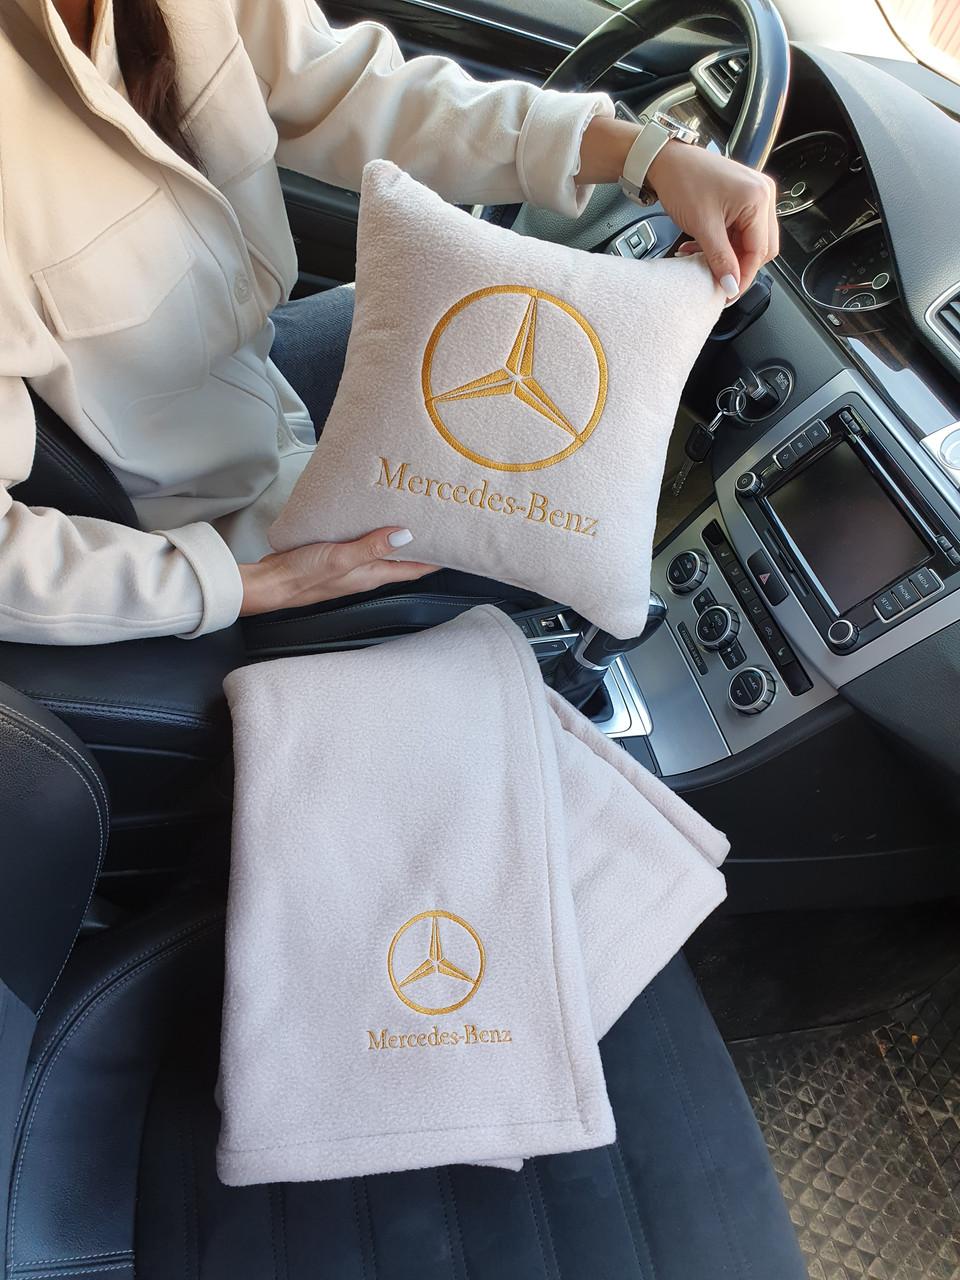 """Автомобільний набір: подушка і плед з логотипом """"Mercedes"""" колір на вибір"""